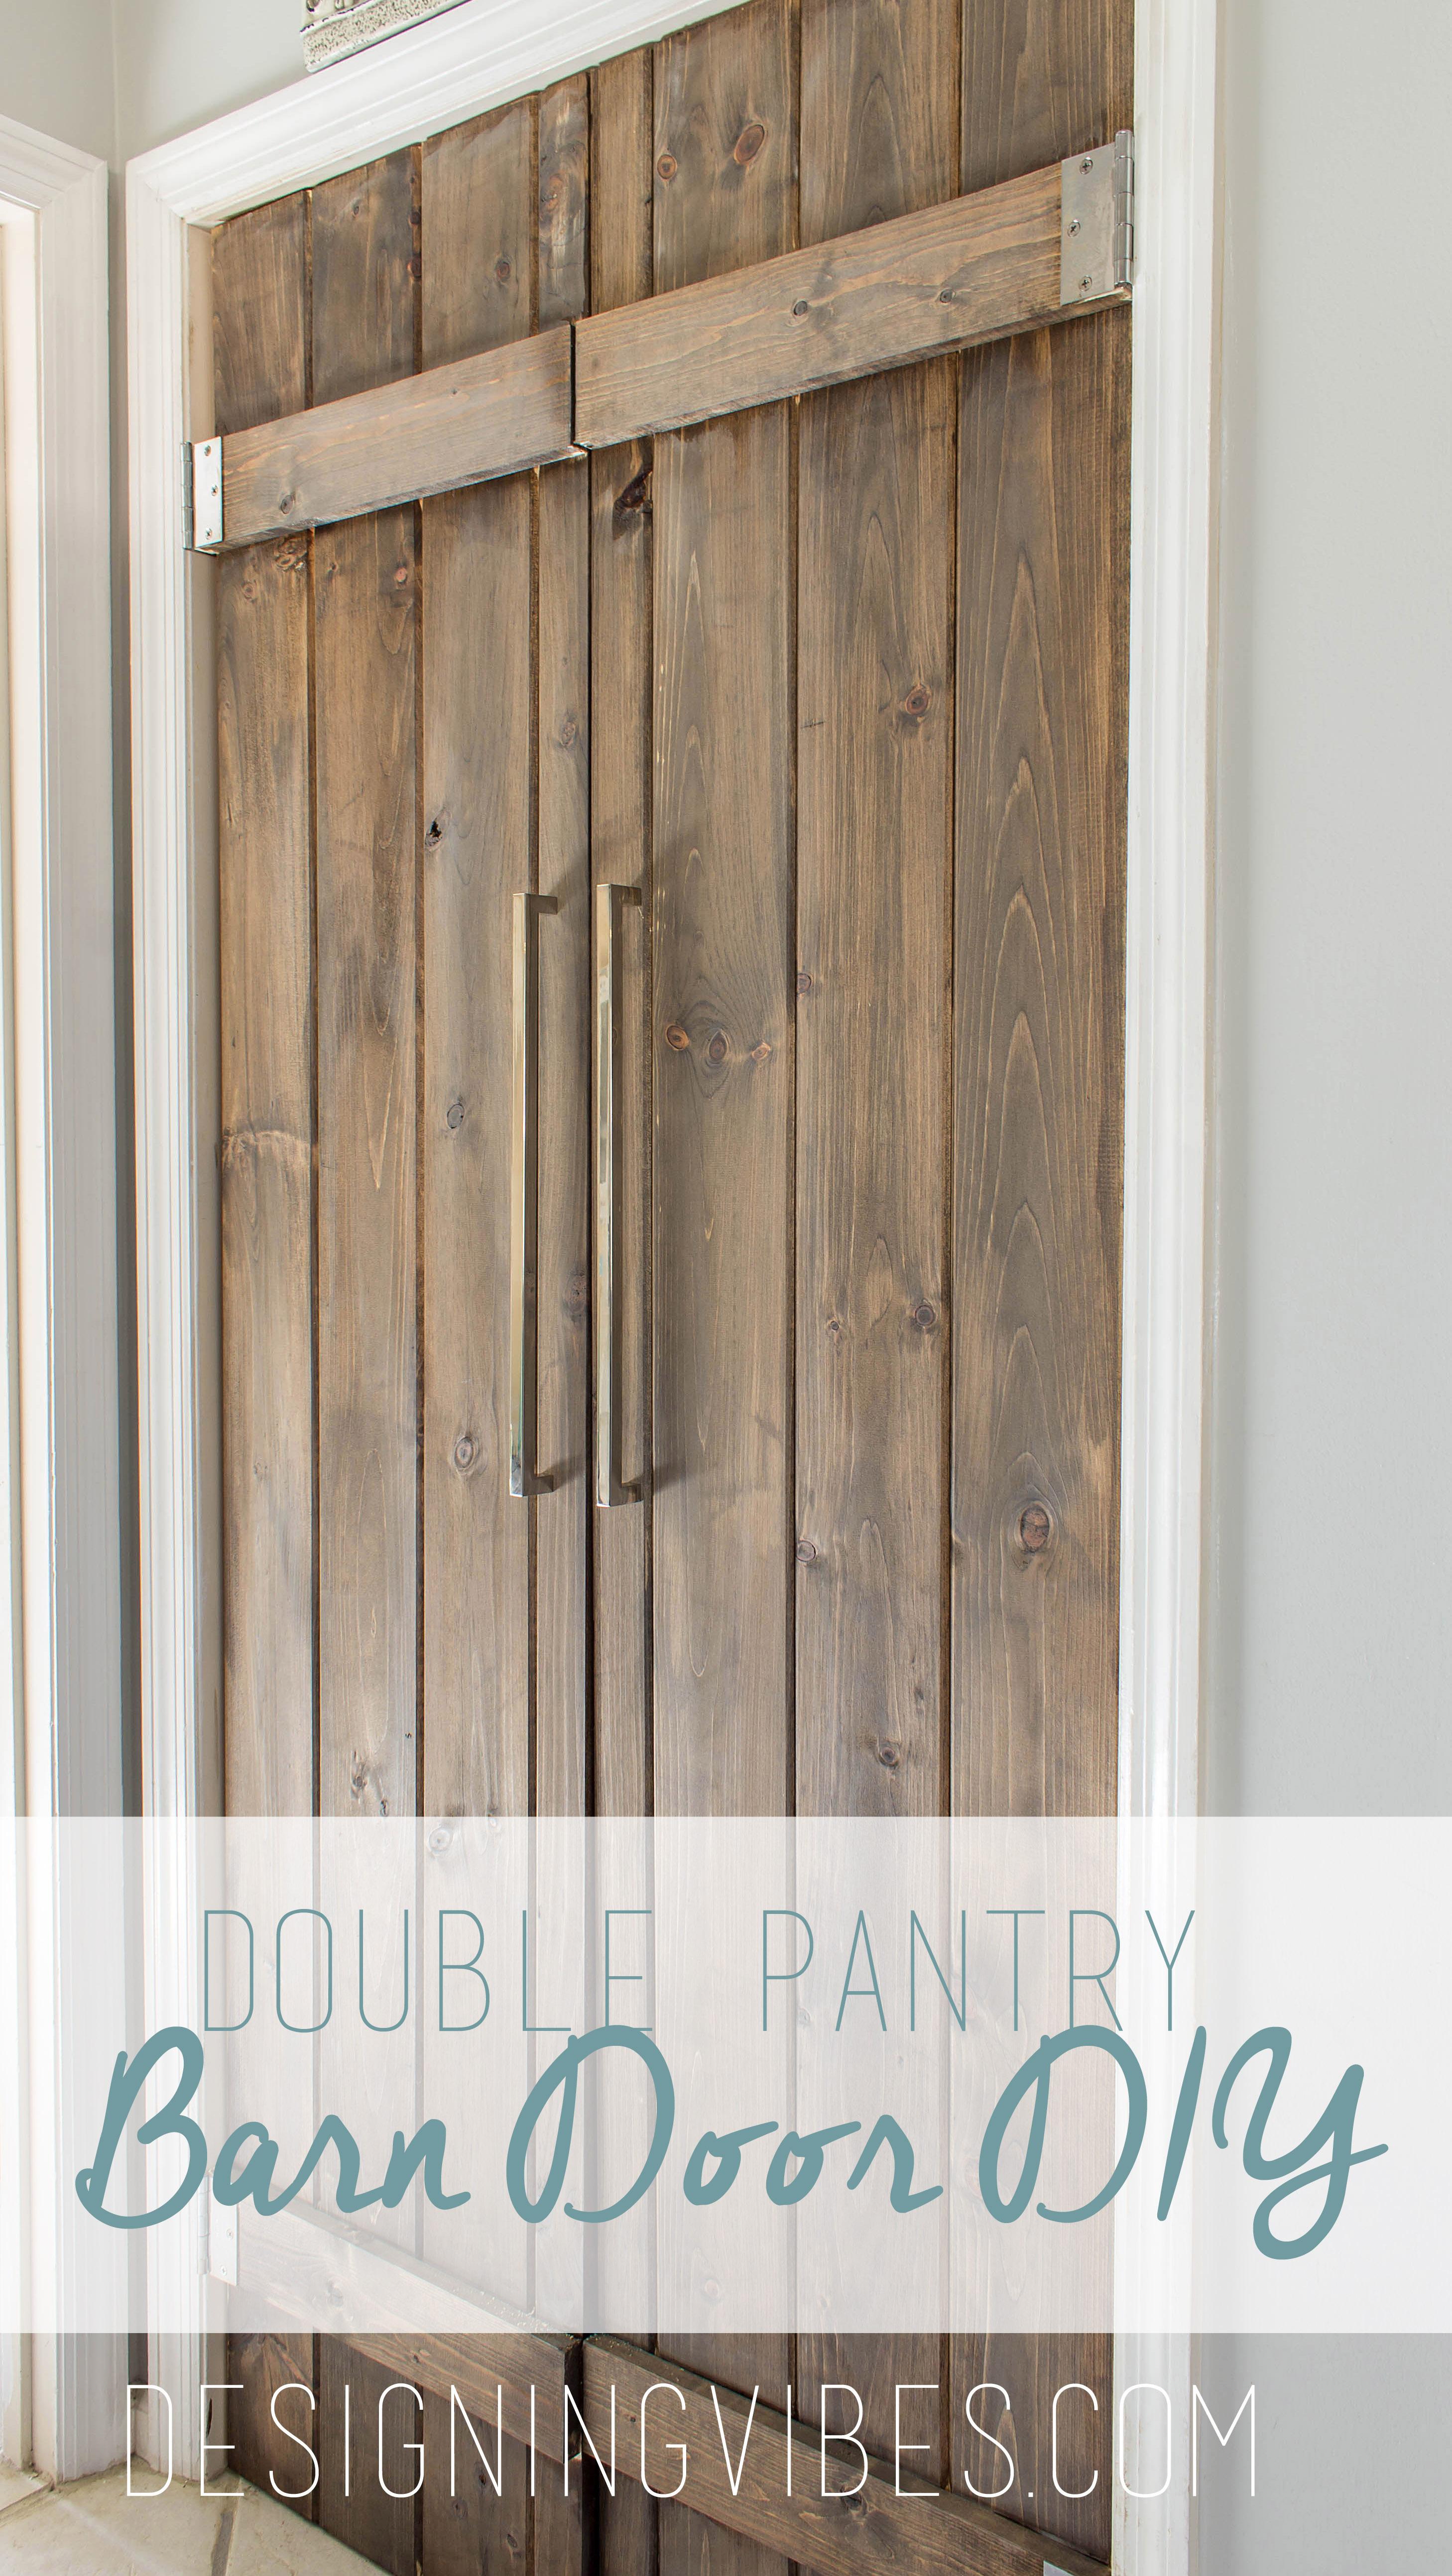 cheap barn door diy & Double Pantry Barn Door DIY Under $90- Bifold Pantry Door DIY Pezcame.Com